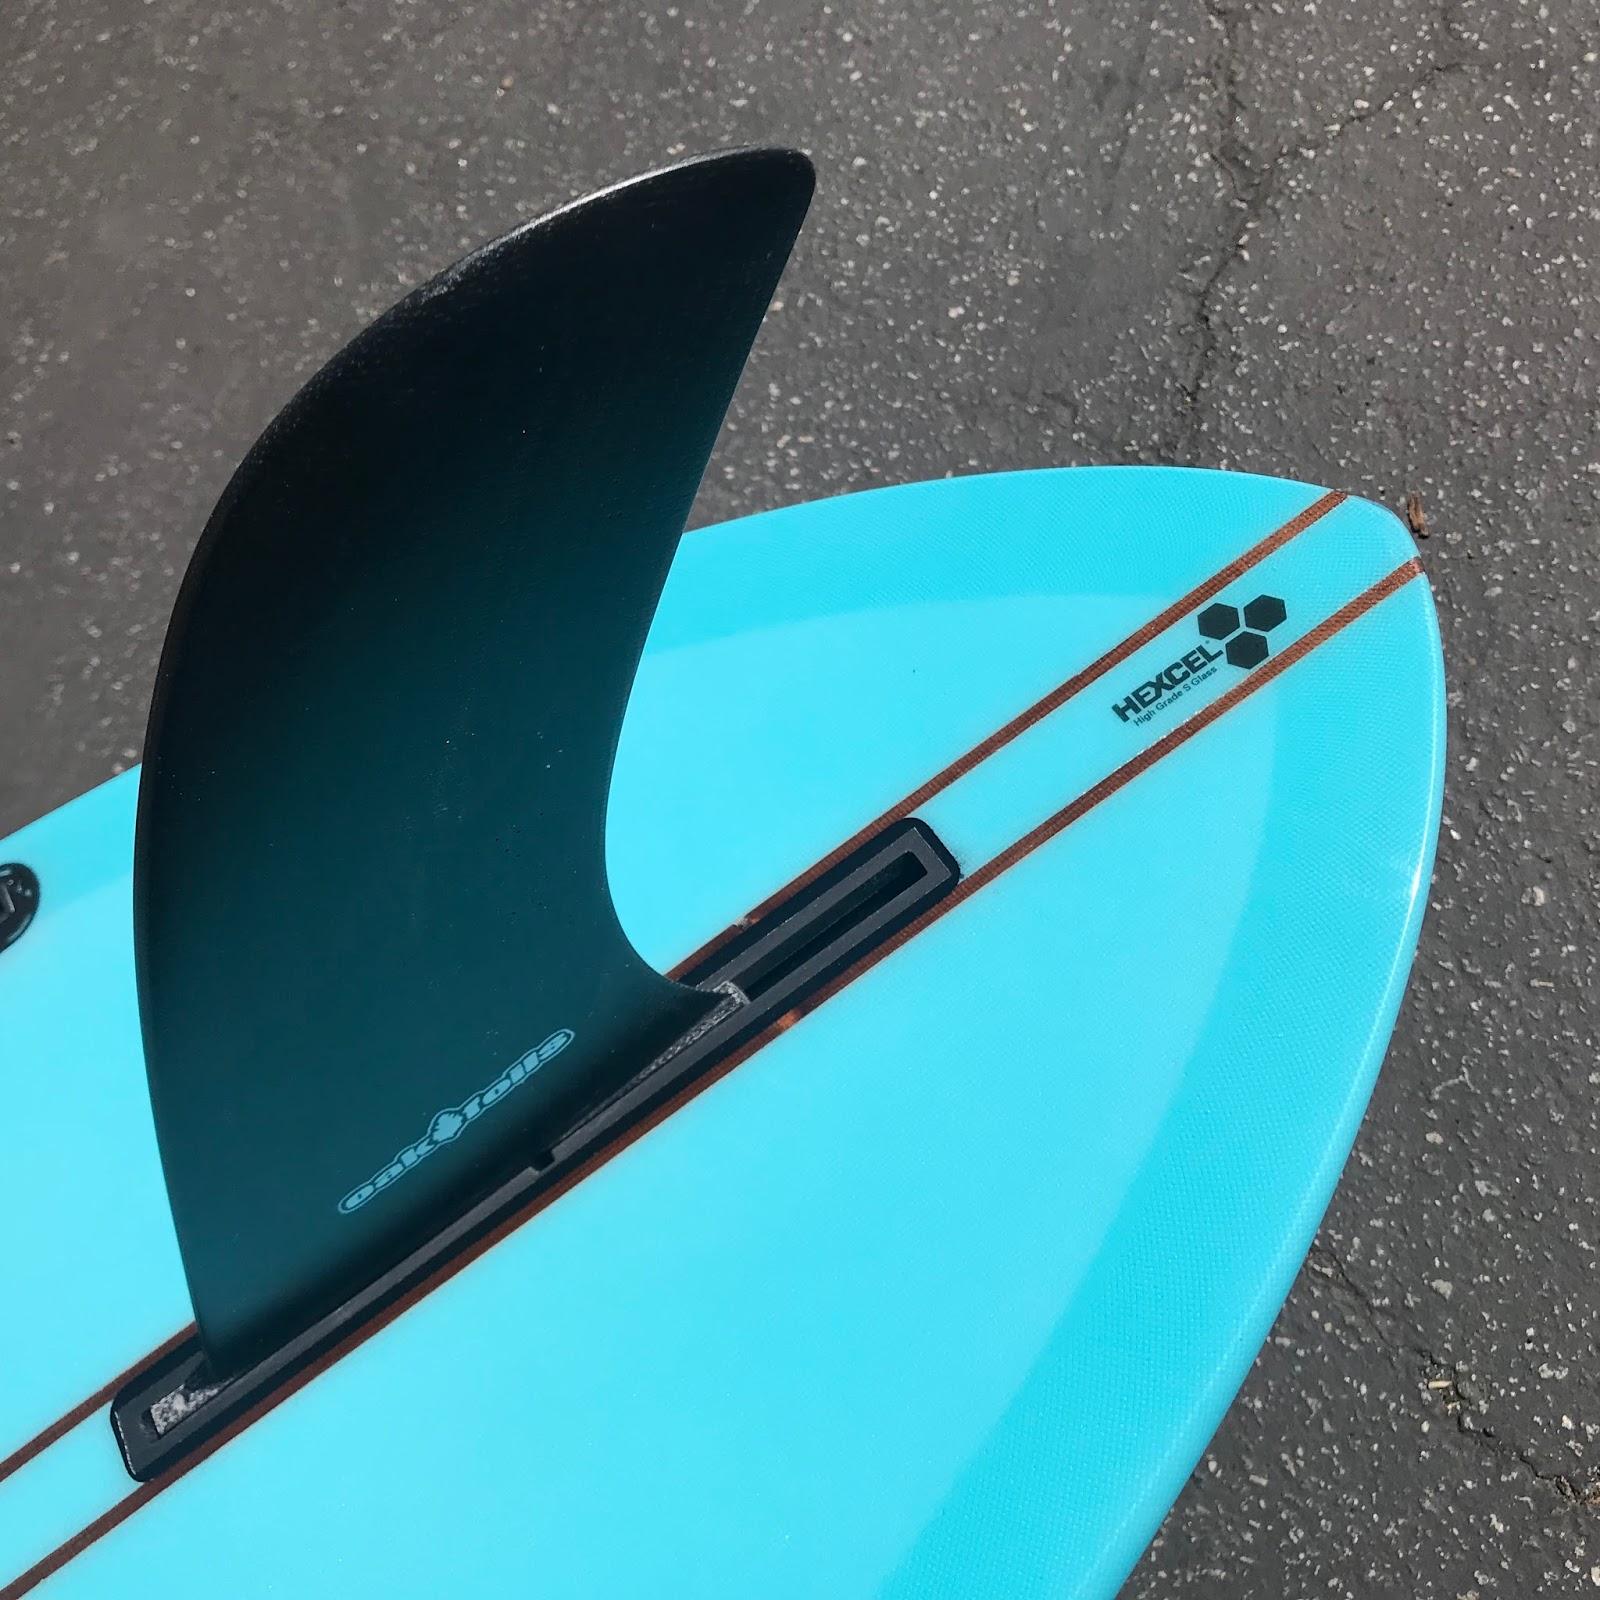 Oak Foils Custom Surfboards